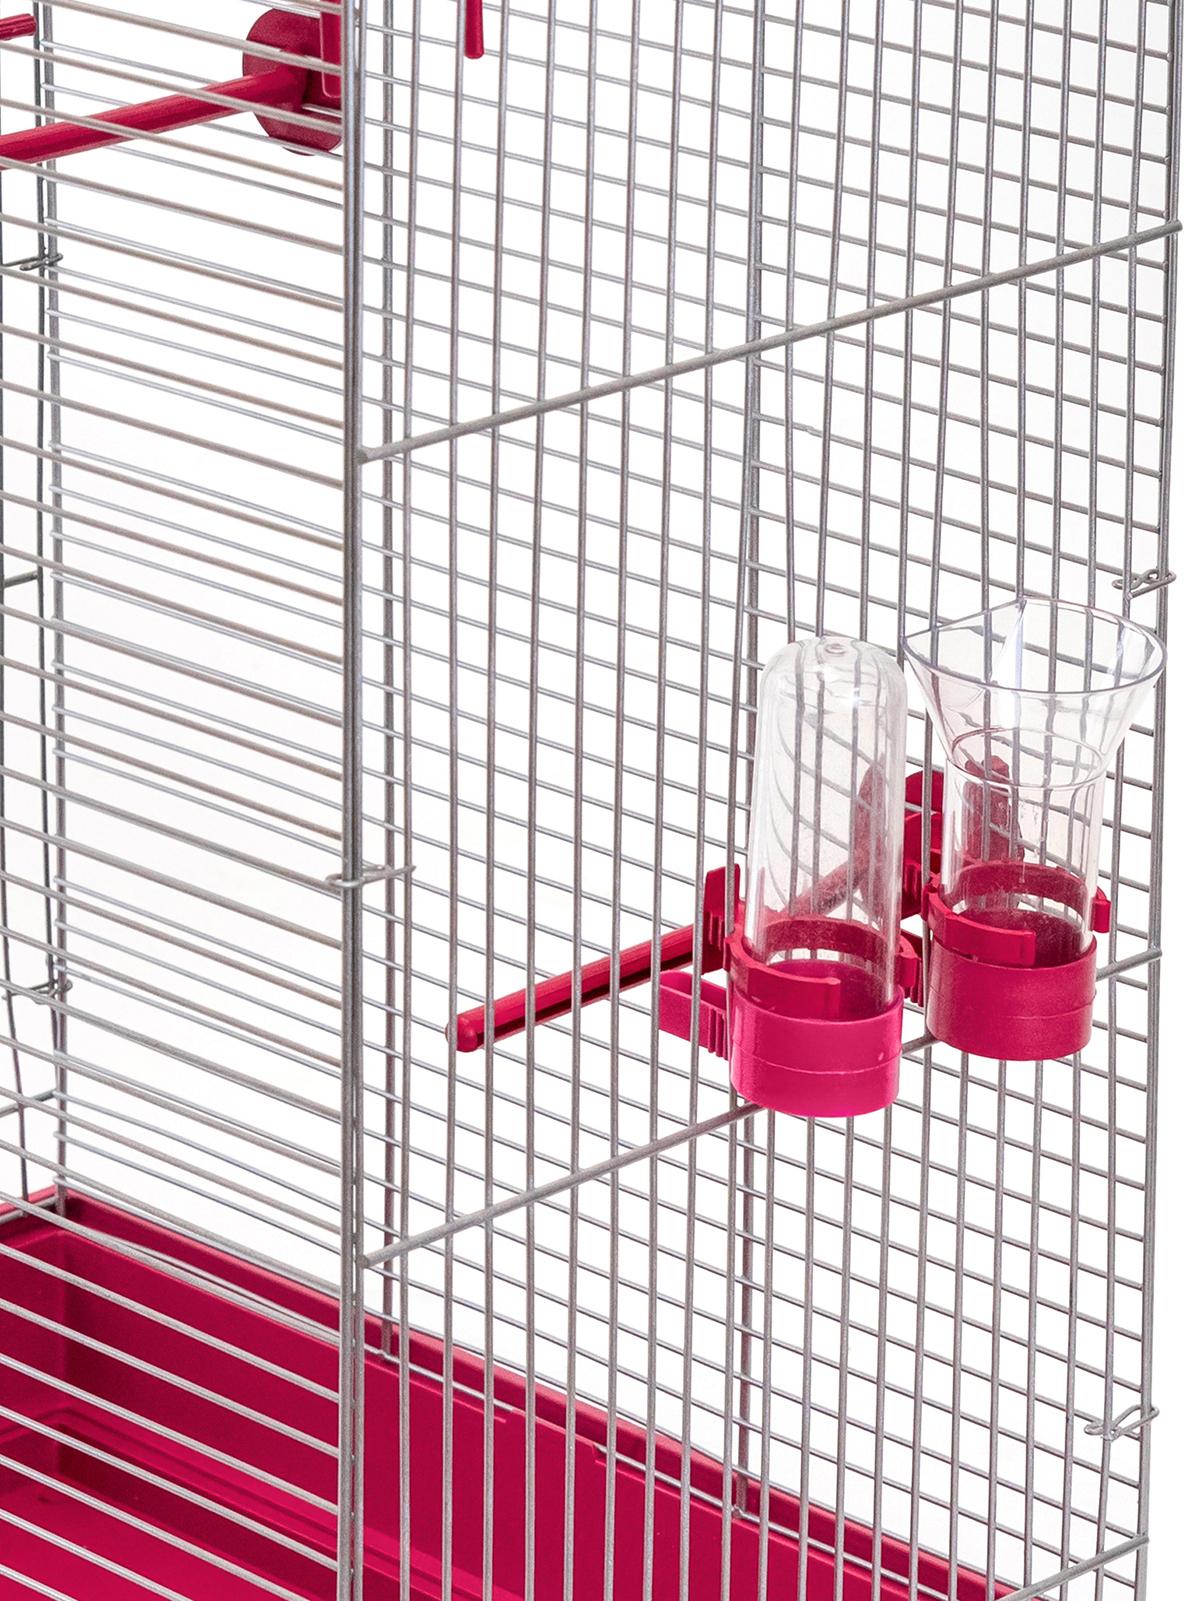 клетка для птиц, для попугаев pettails тоша, разборная, шаг прута 12мм,41*30*76 (поилка,кормушка,жердочки) рубиновый